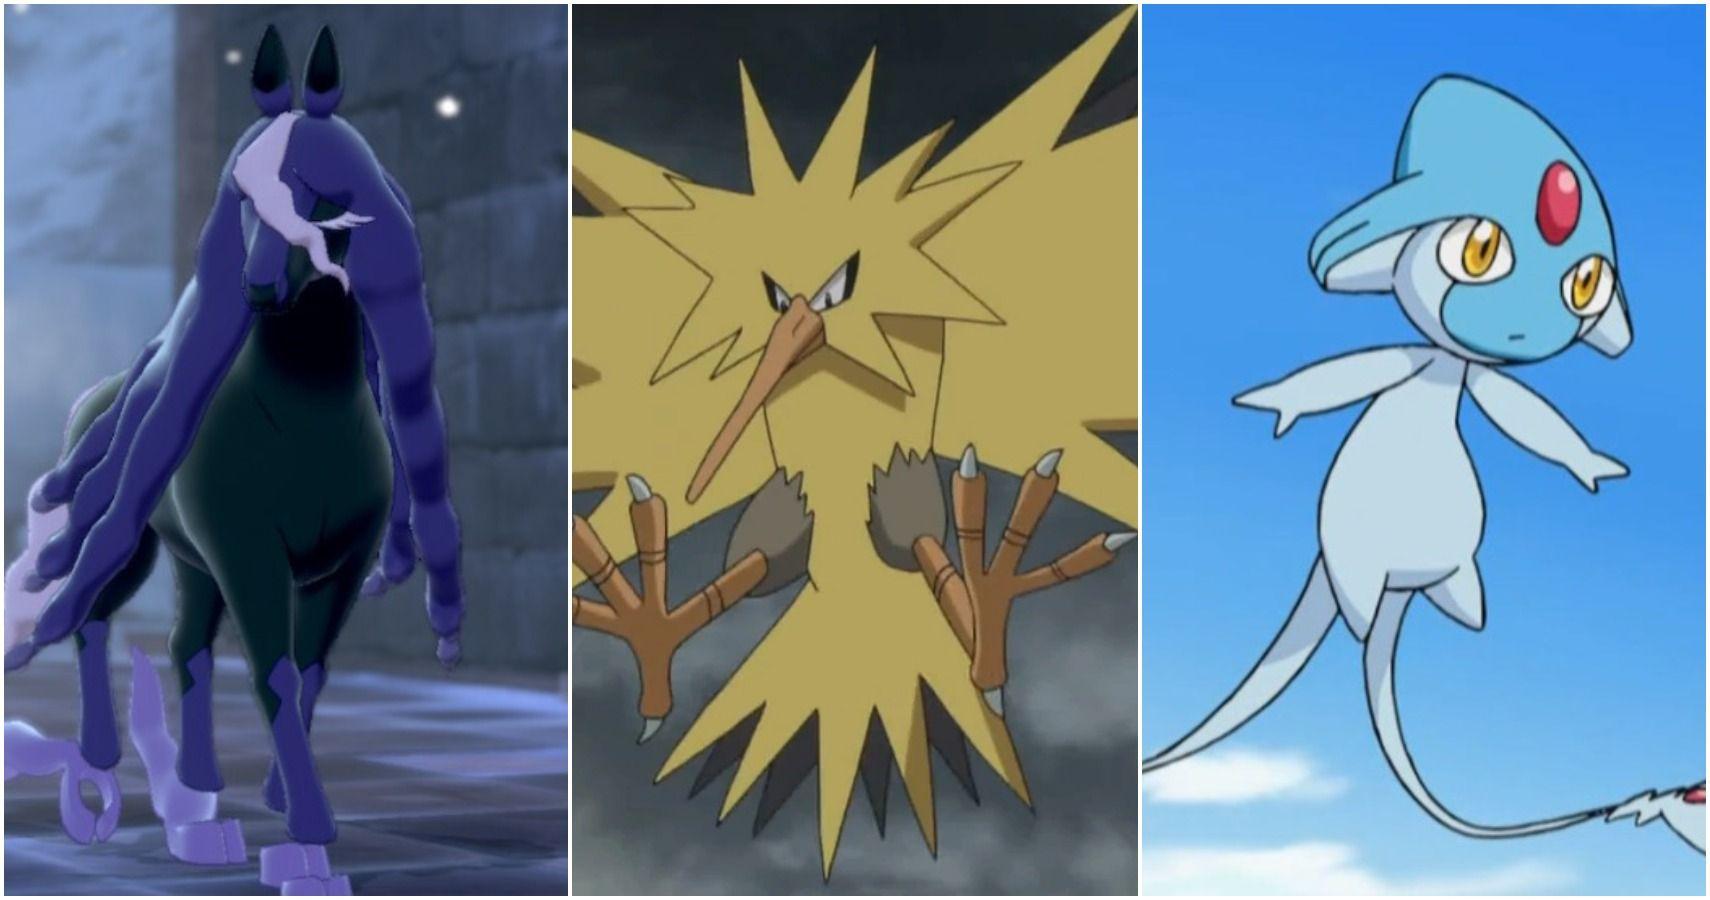 Sword & Shield: 15 Strongest Legendary Pokemon For Online Ranked Battles, Ranked